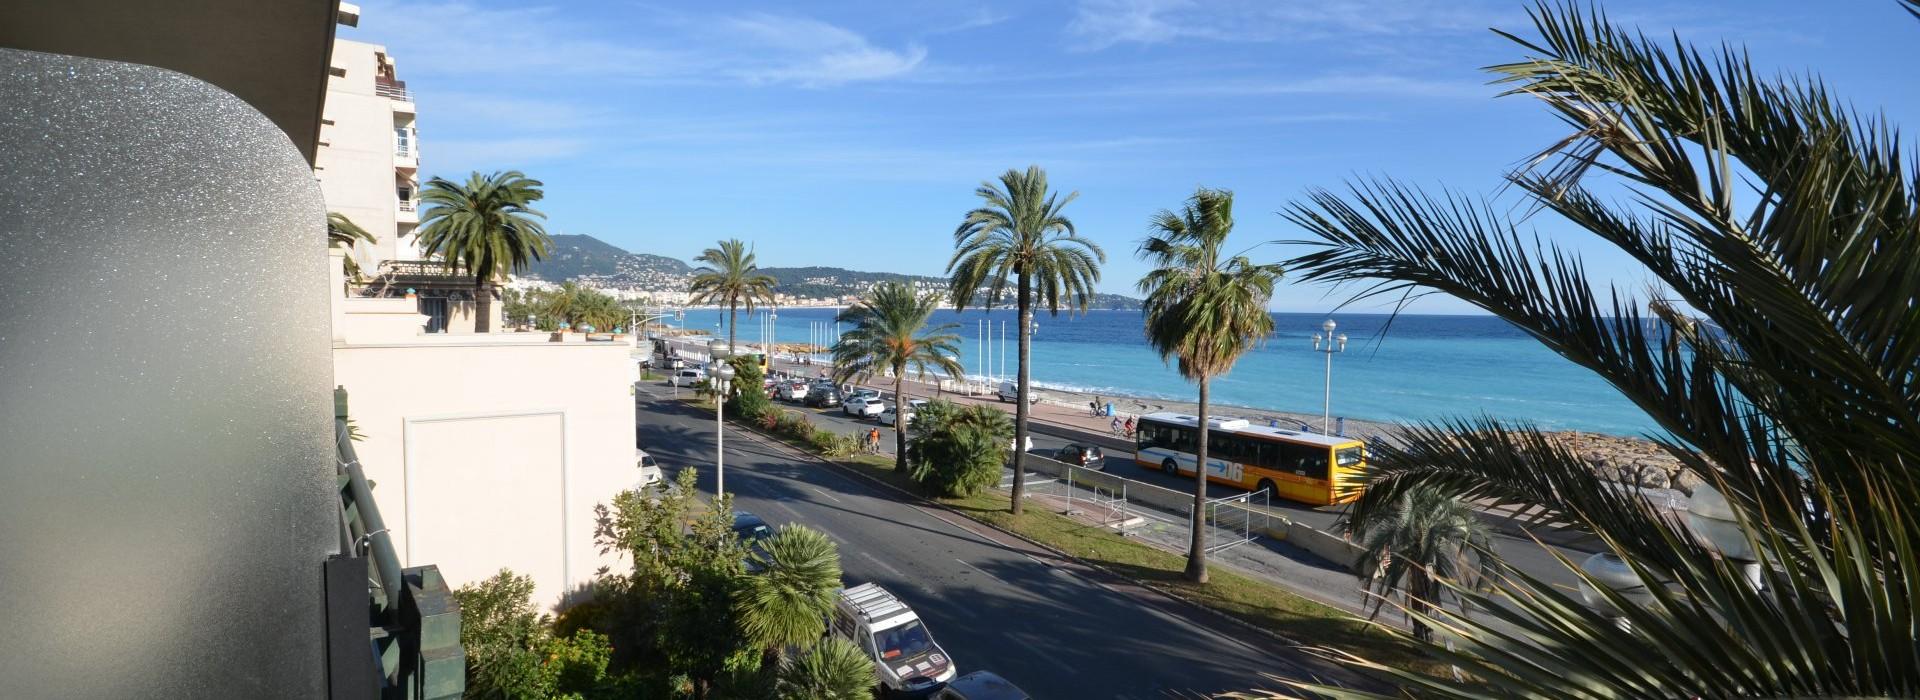 Appartement Nice 3 Pièces 82m2 590,000€